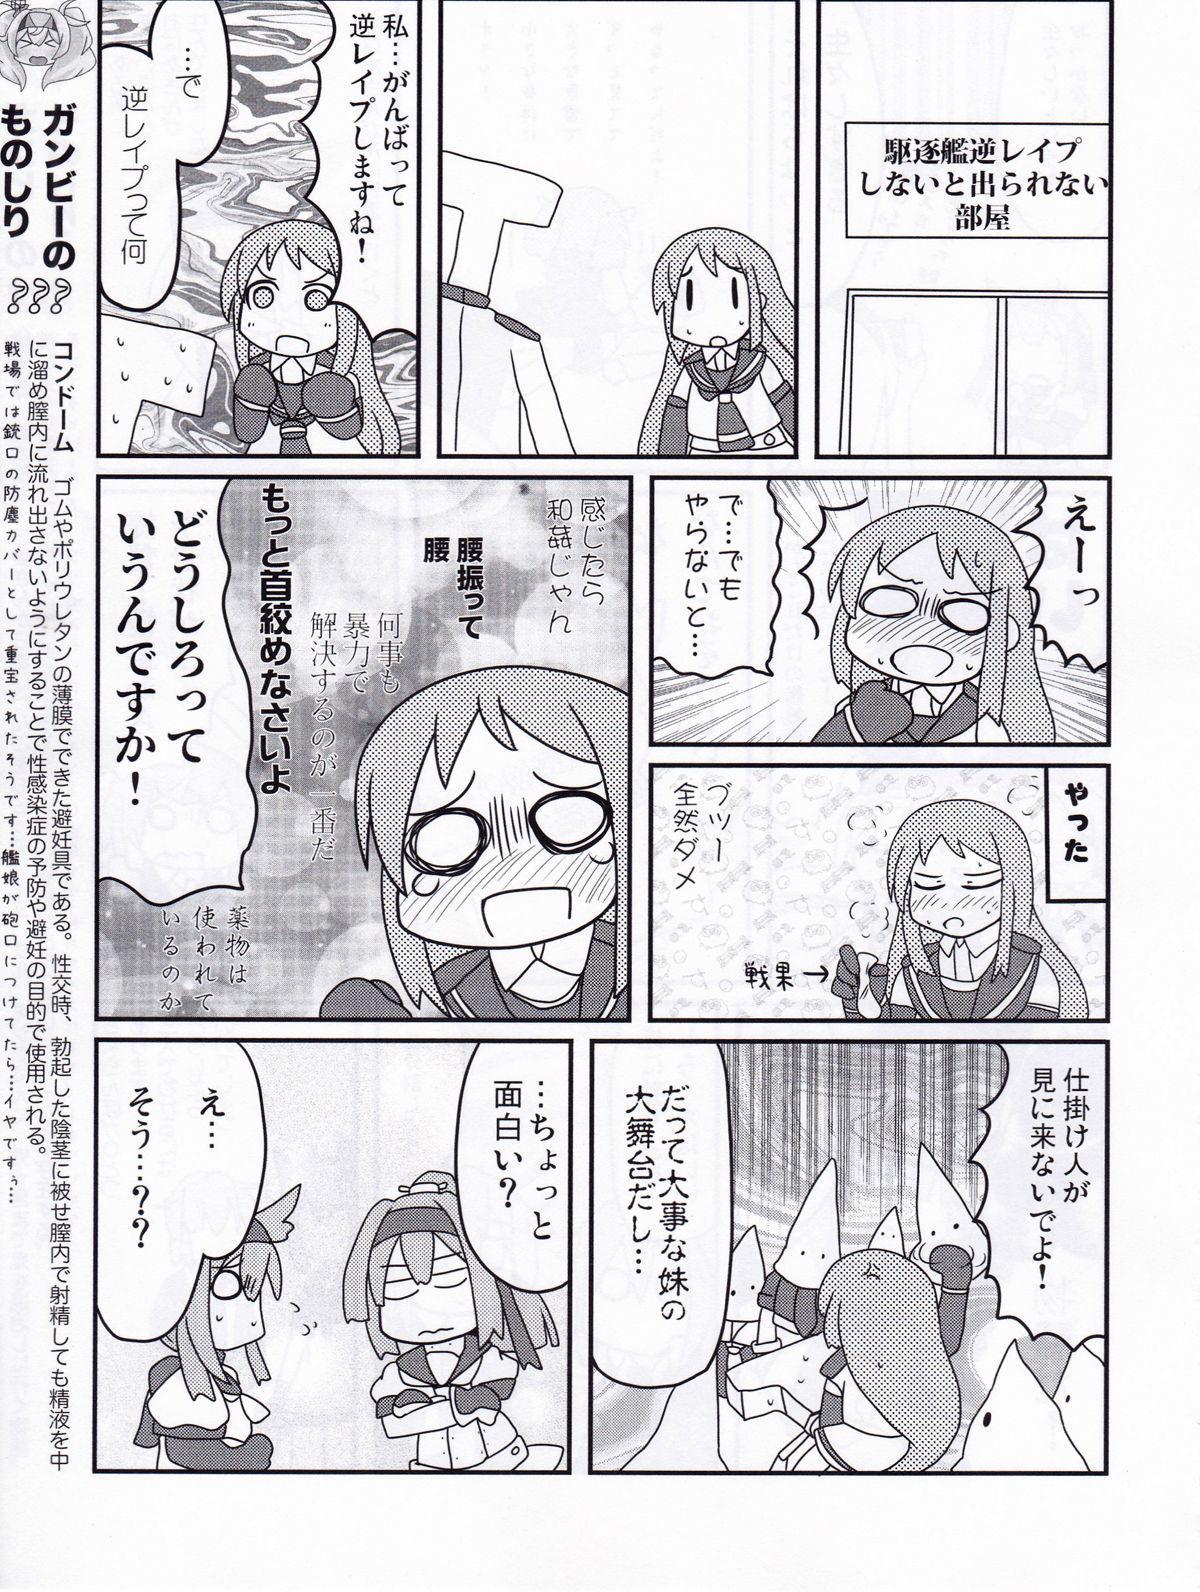 Kuchikukan Gyaku Rape Goudou 3 Ruihan 93